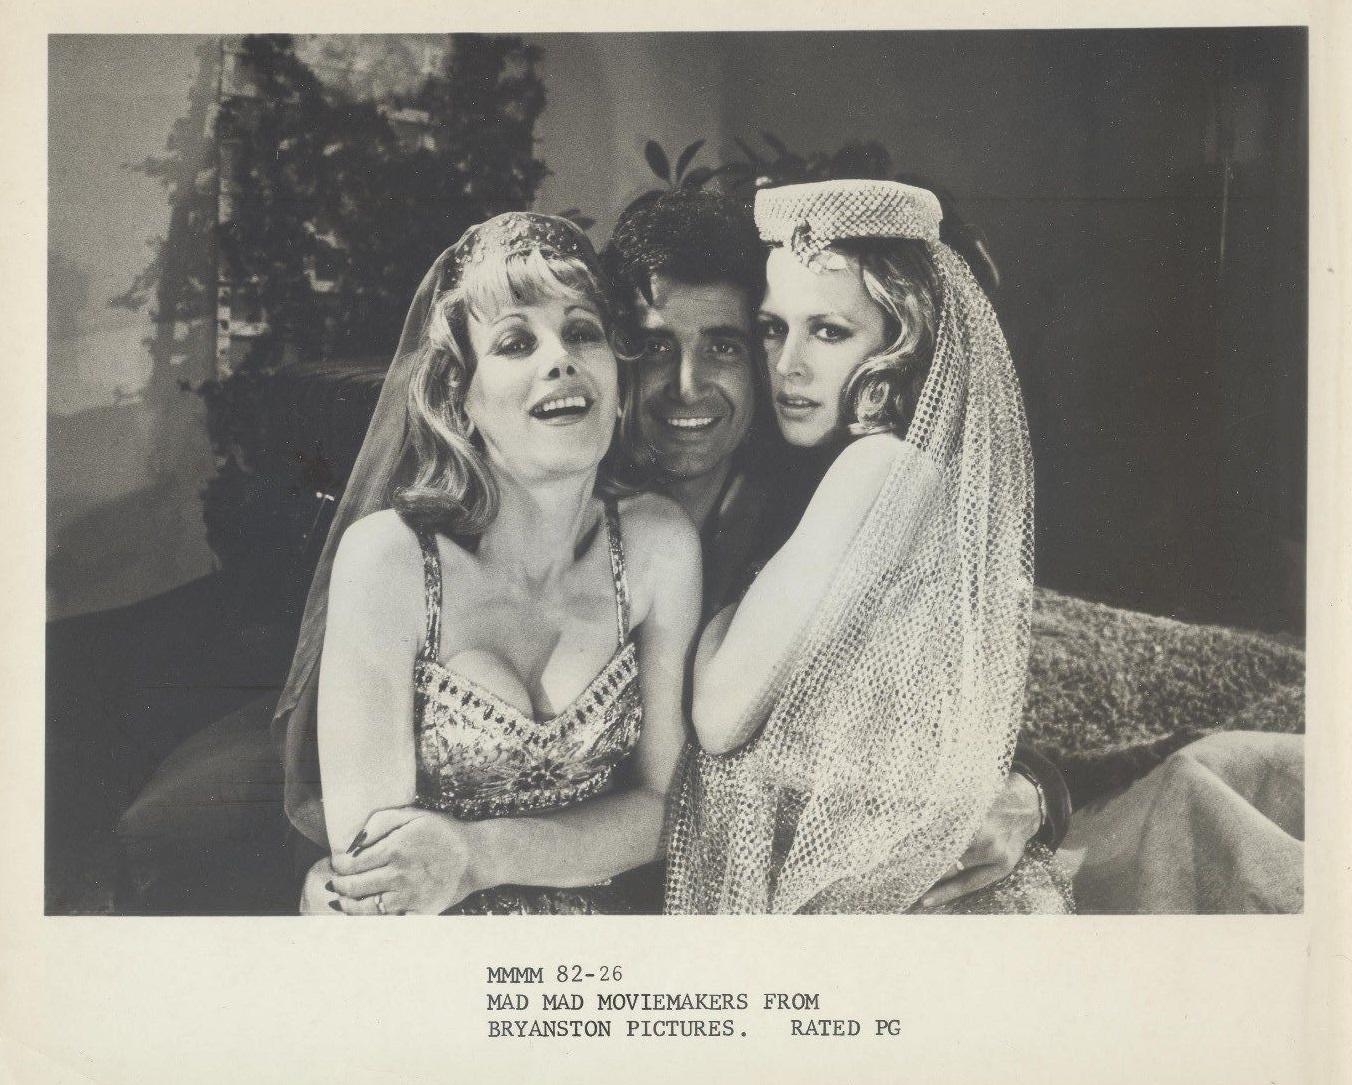 Frank Calcanini and Robyn Hilton in The Last Porno Flick (1974)